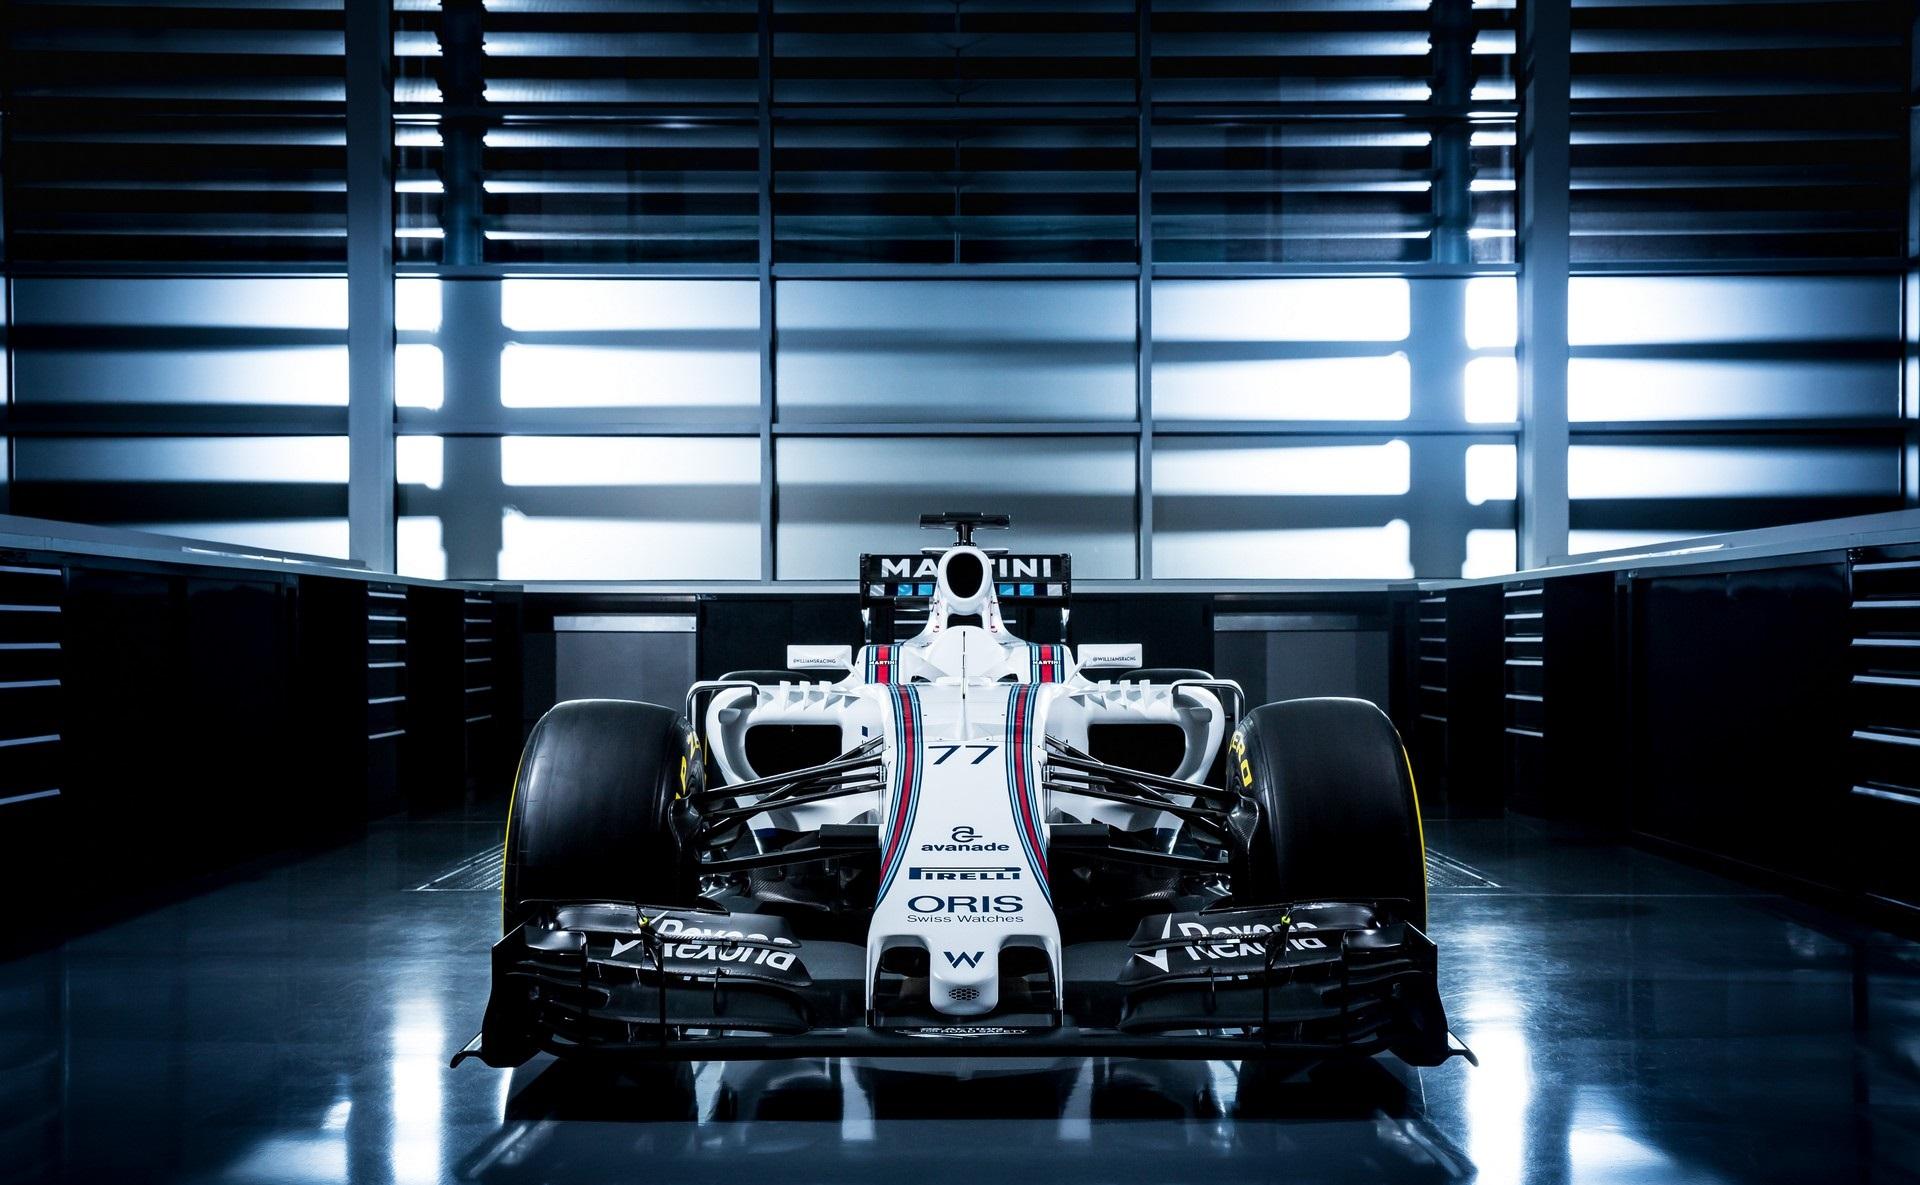 Kémfotókon a Williams FW38: pályán a 2016-os gép